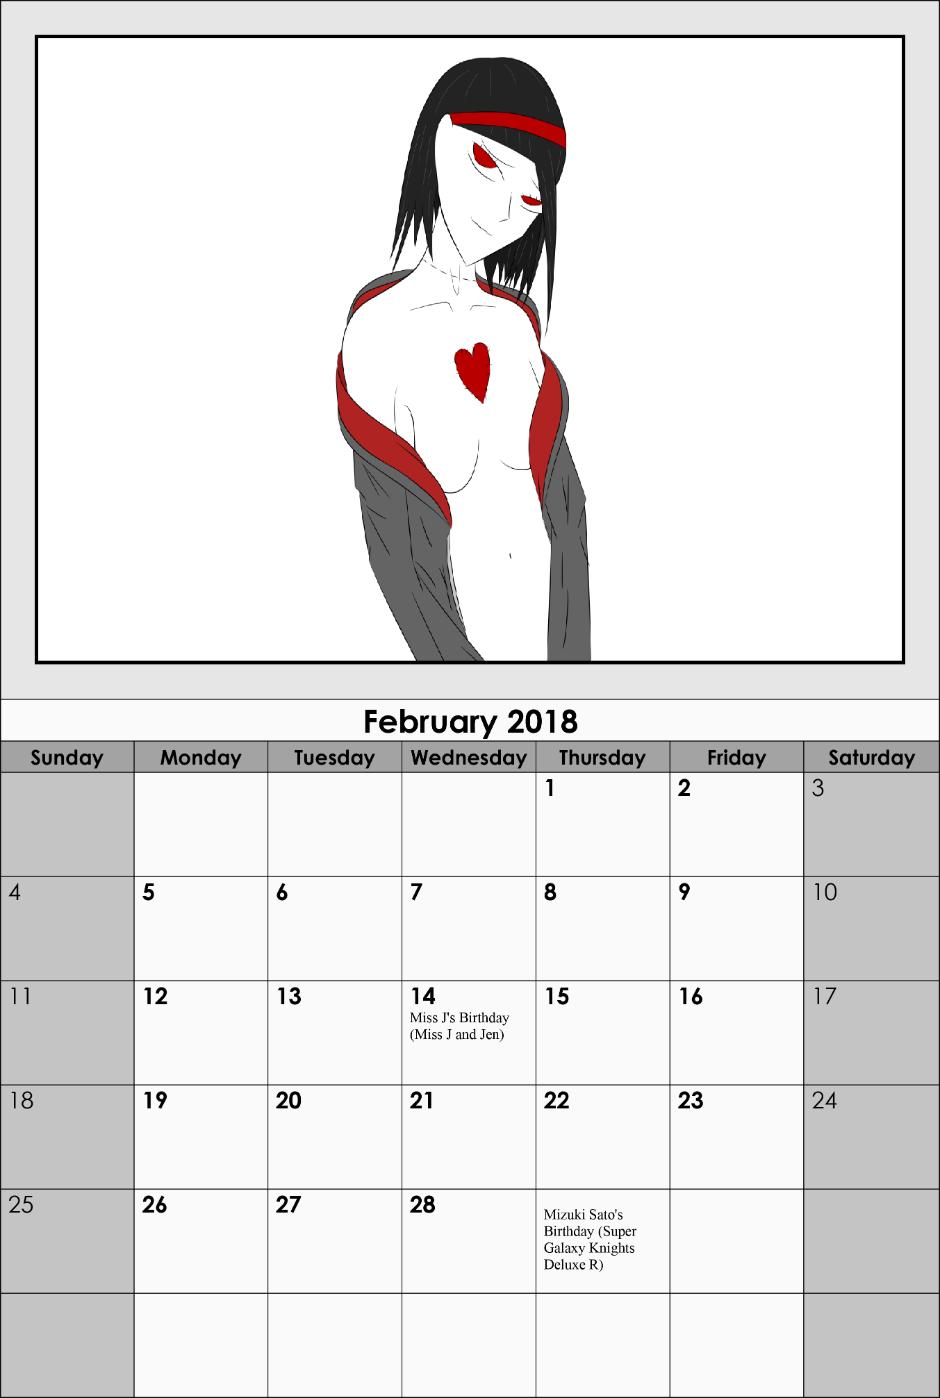 Rulerbrain - February